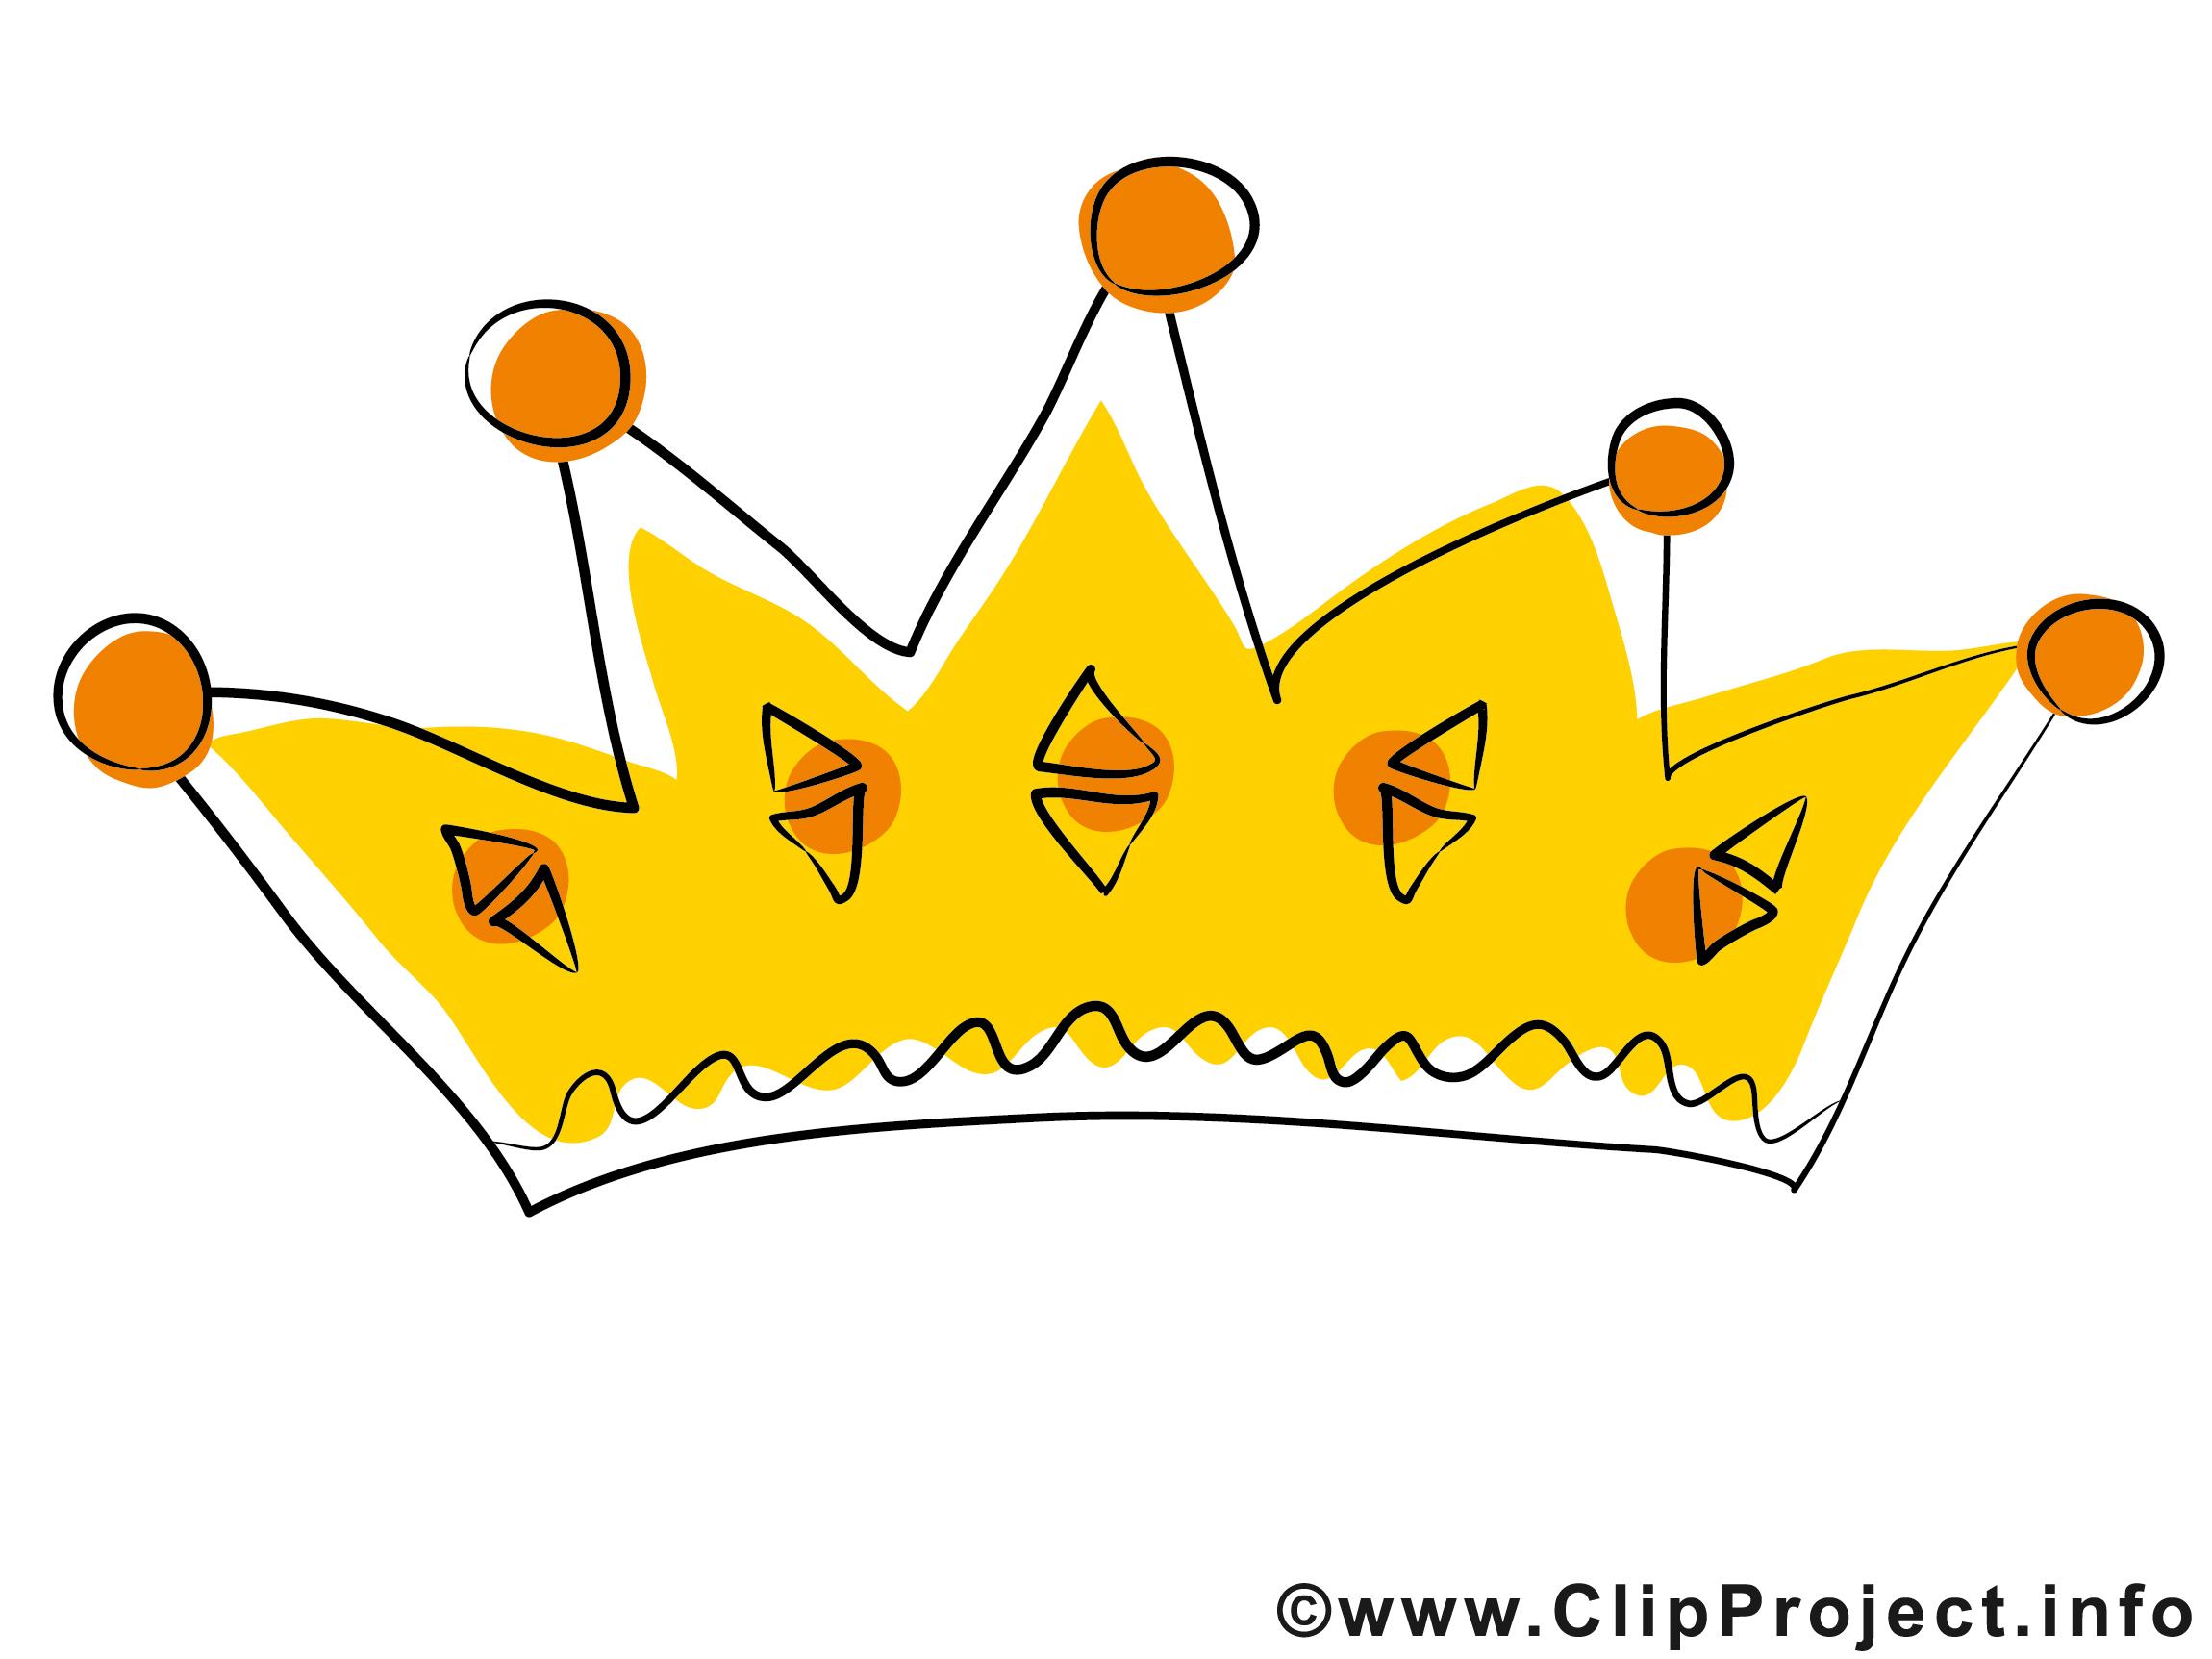 Couronne illustration images gratuites objets dessin - Clipart couronne ...